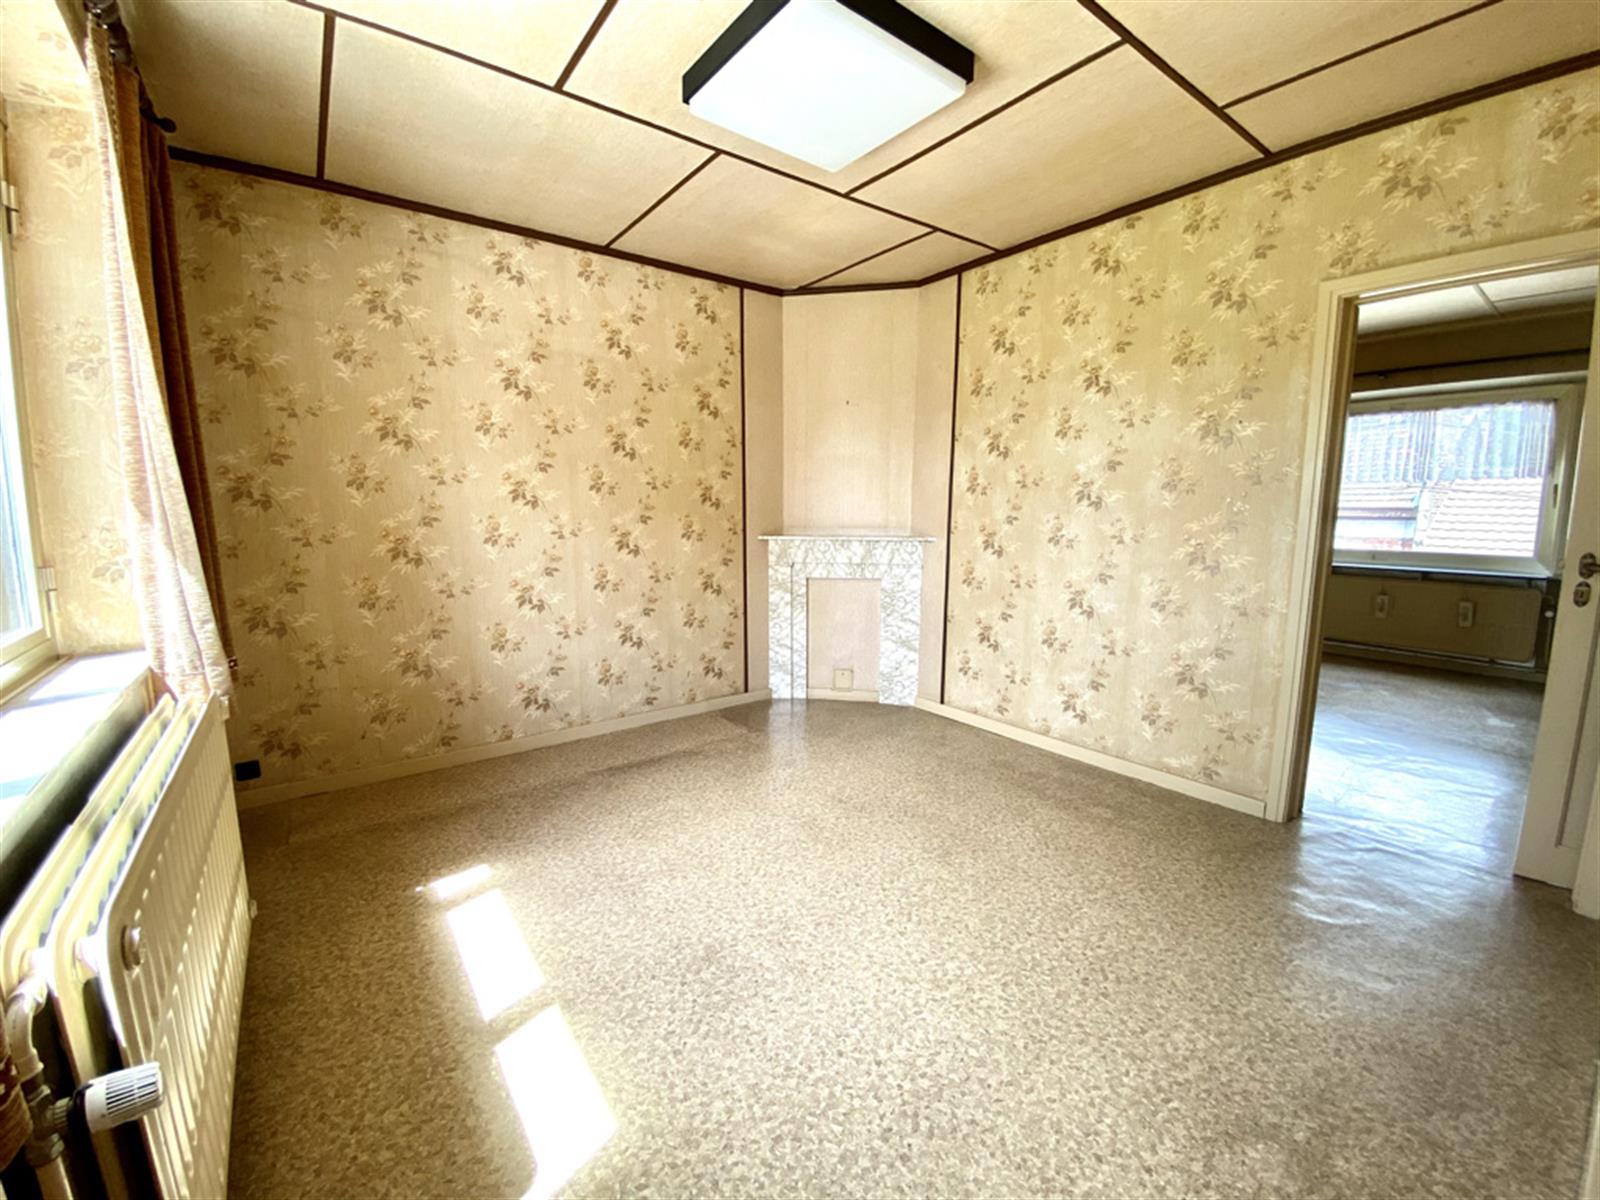 House - Saint-nicolas - #4396645-10